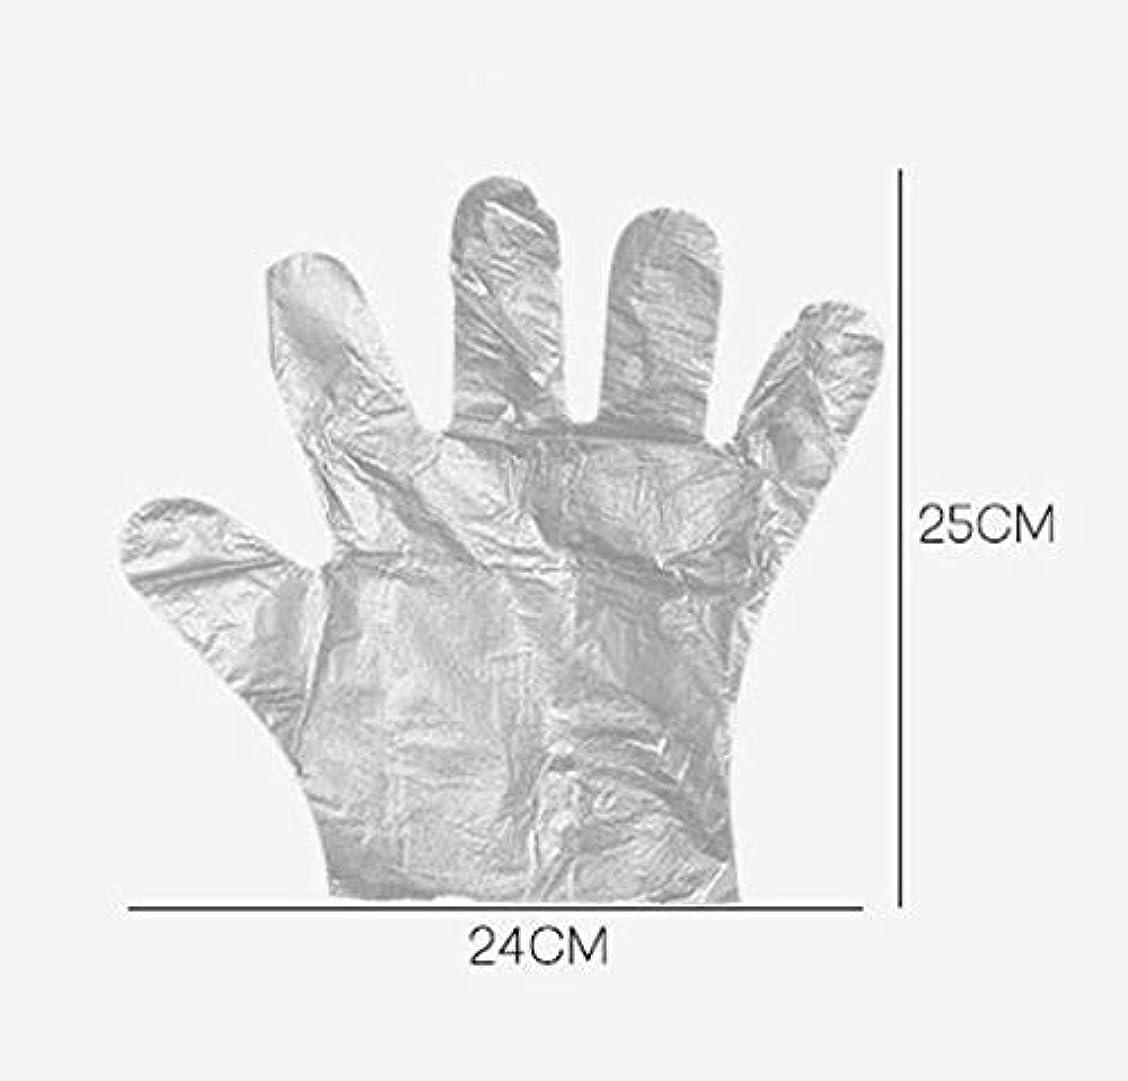 機械的失望合図HJ 使い捨て手袋 ポリエチレン使い切り手袋 極薄い ポリ手袋 使い切り手袋 透明手袋 耐油 防水 介護 トイレ掃除 左右兼用 手荒れを防ぎ 素手 薄いタイプ (200ペアセット)